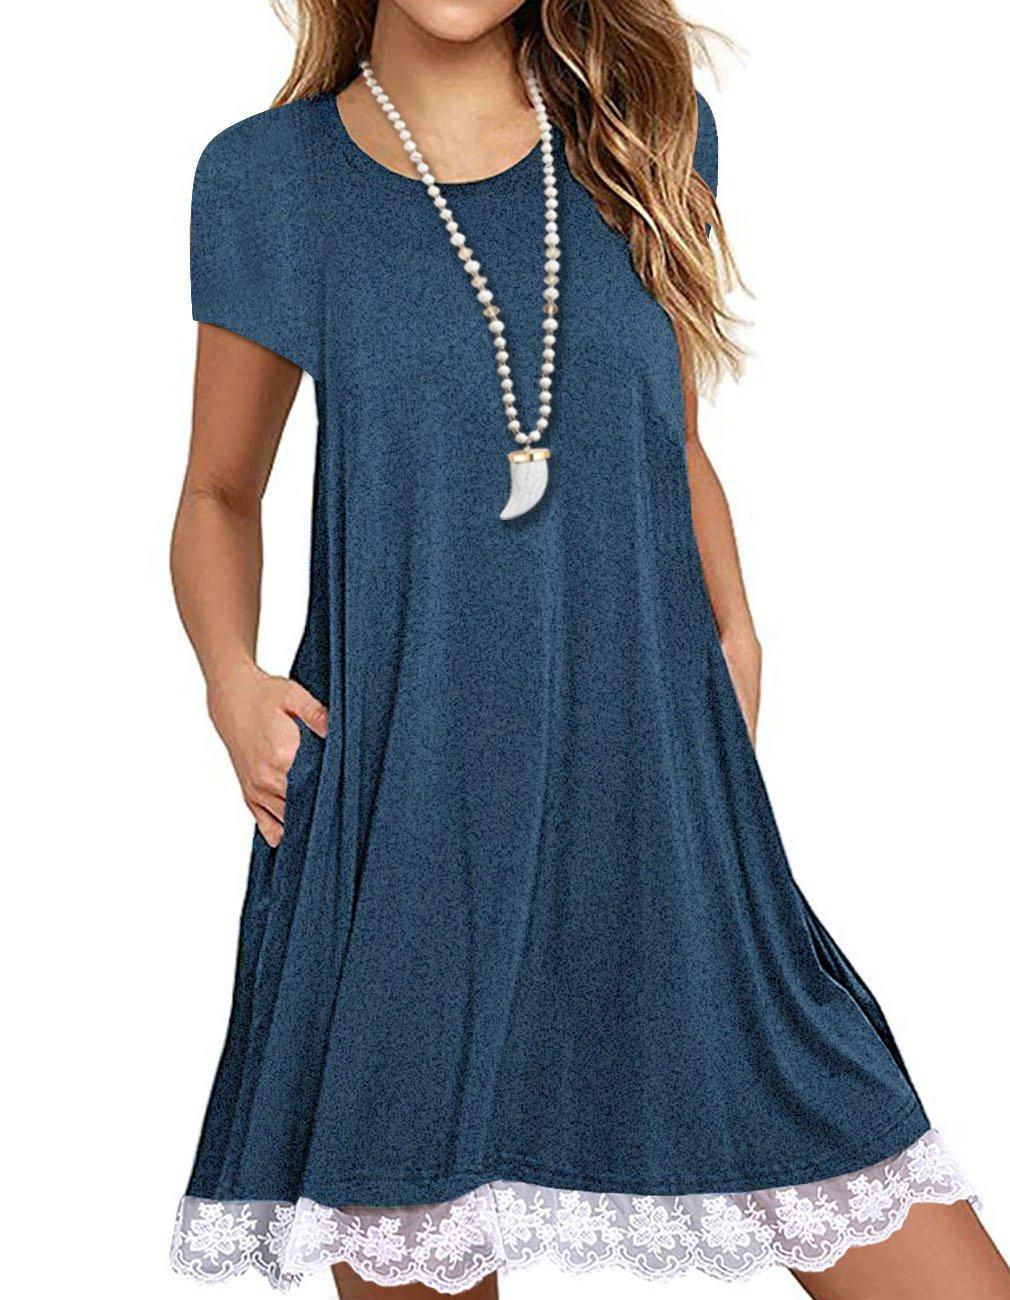 Sanifer Women's Short Sleeve Lace Tunic Dress Summer T-Shirt Dress with Pockets (Medium, Blue)